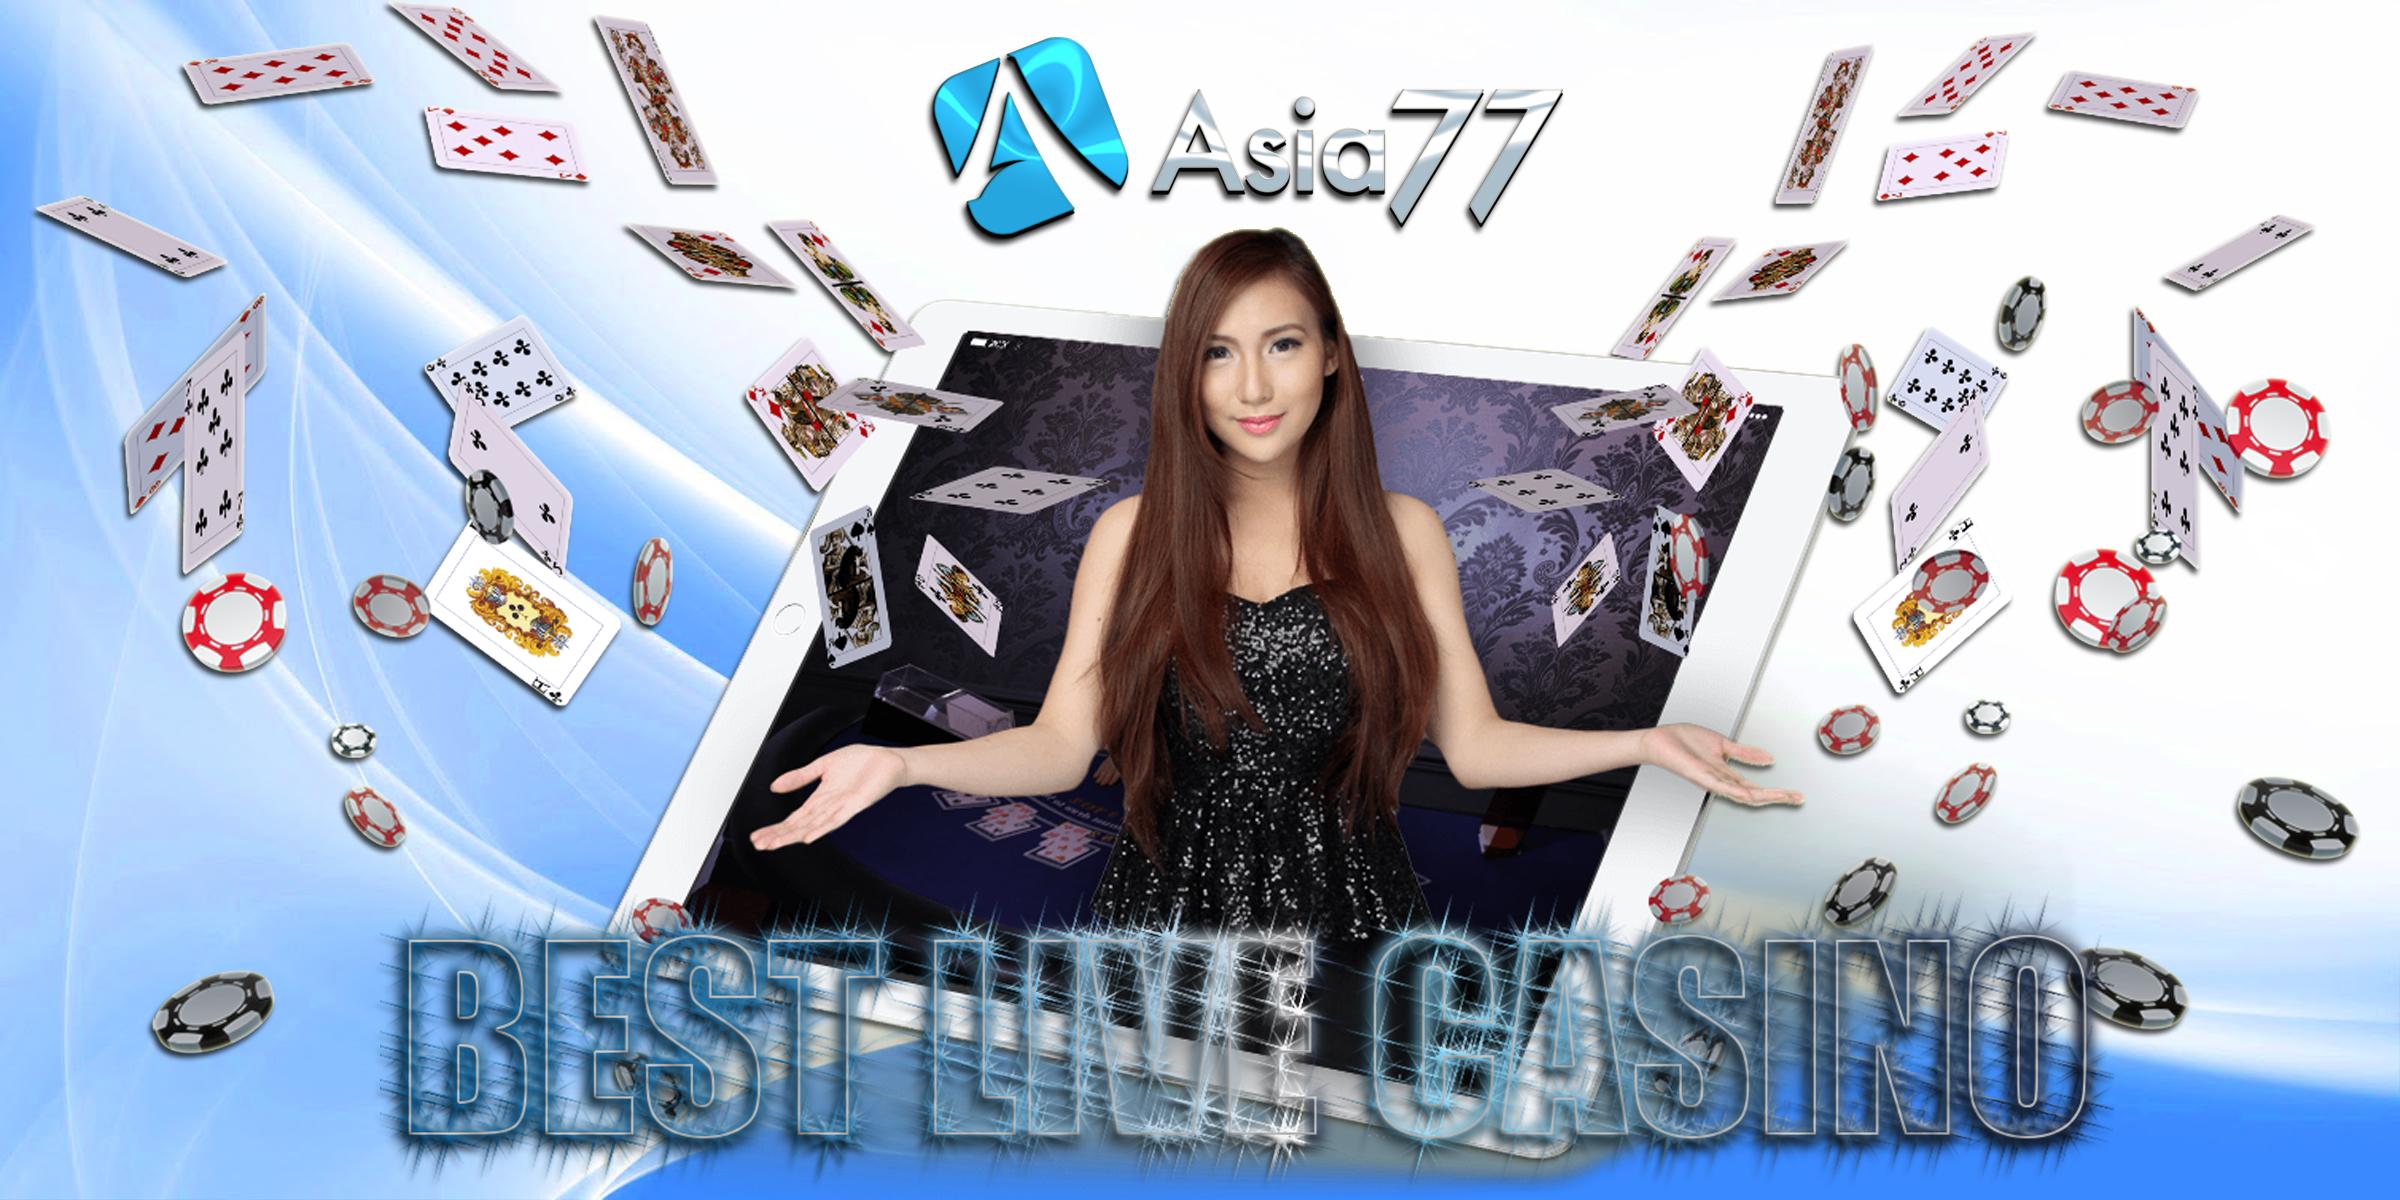 ASIA77 LIVE CASINO